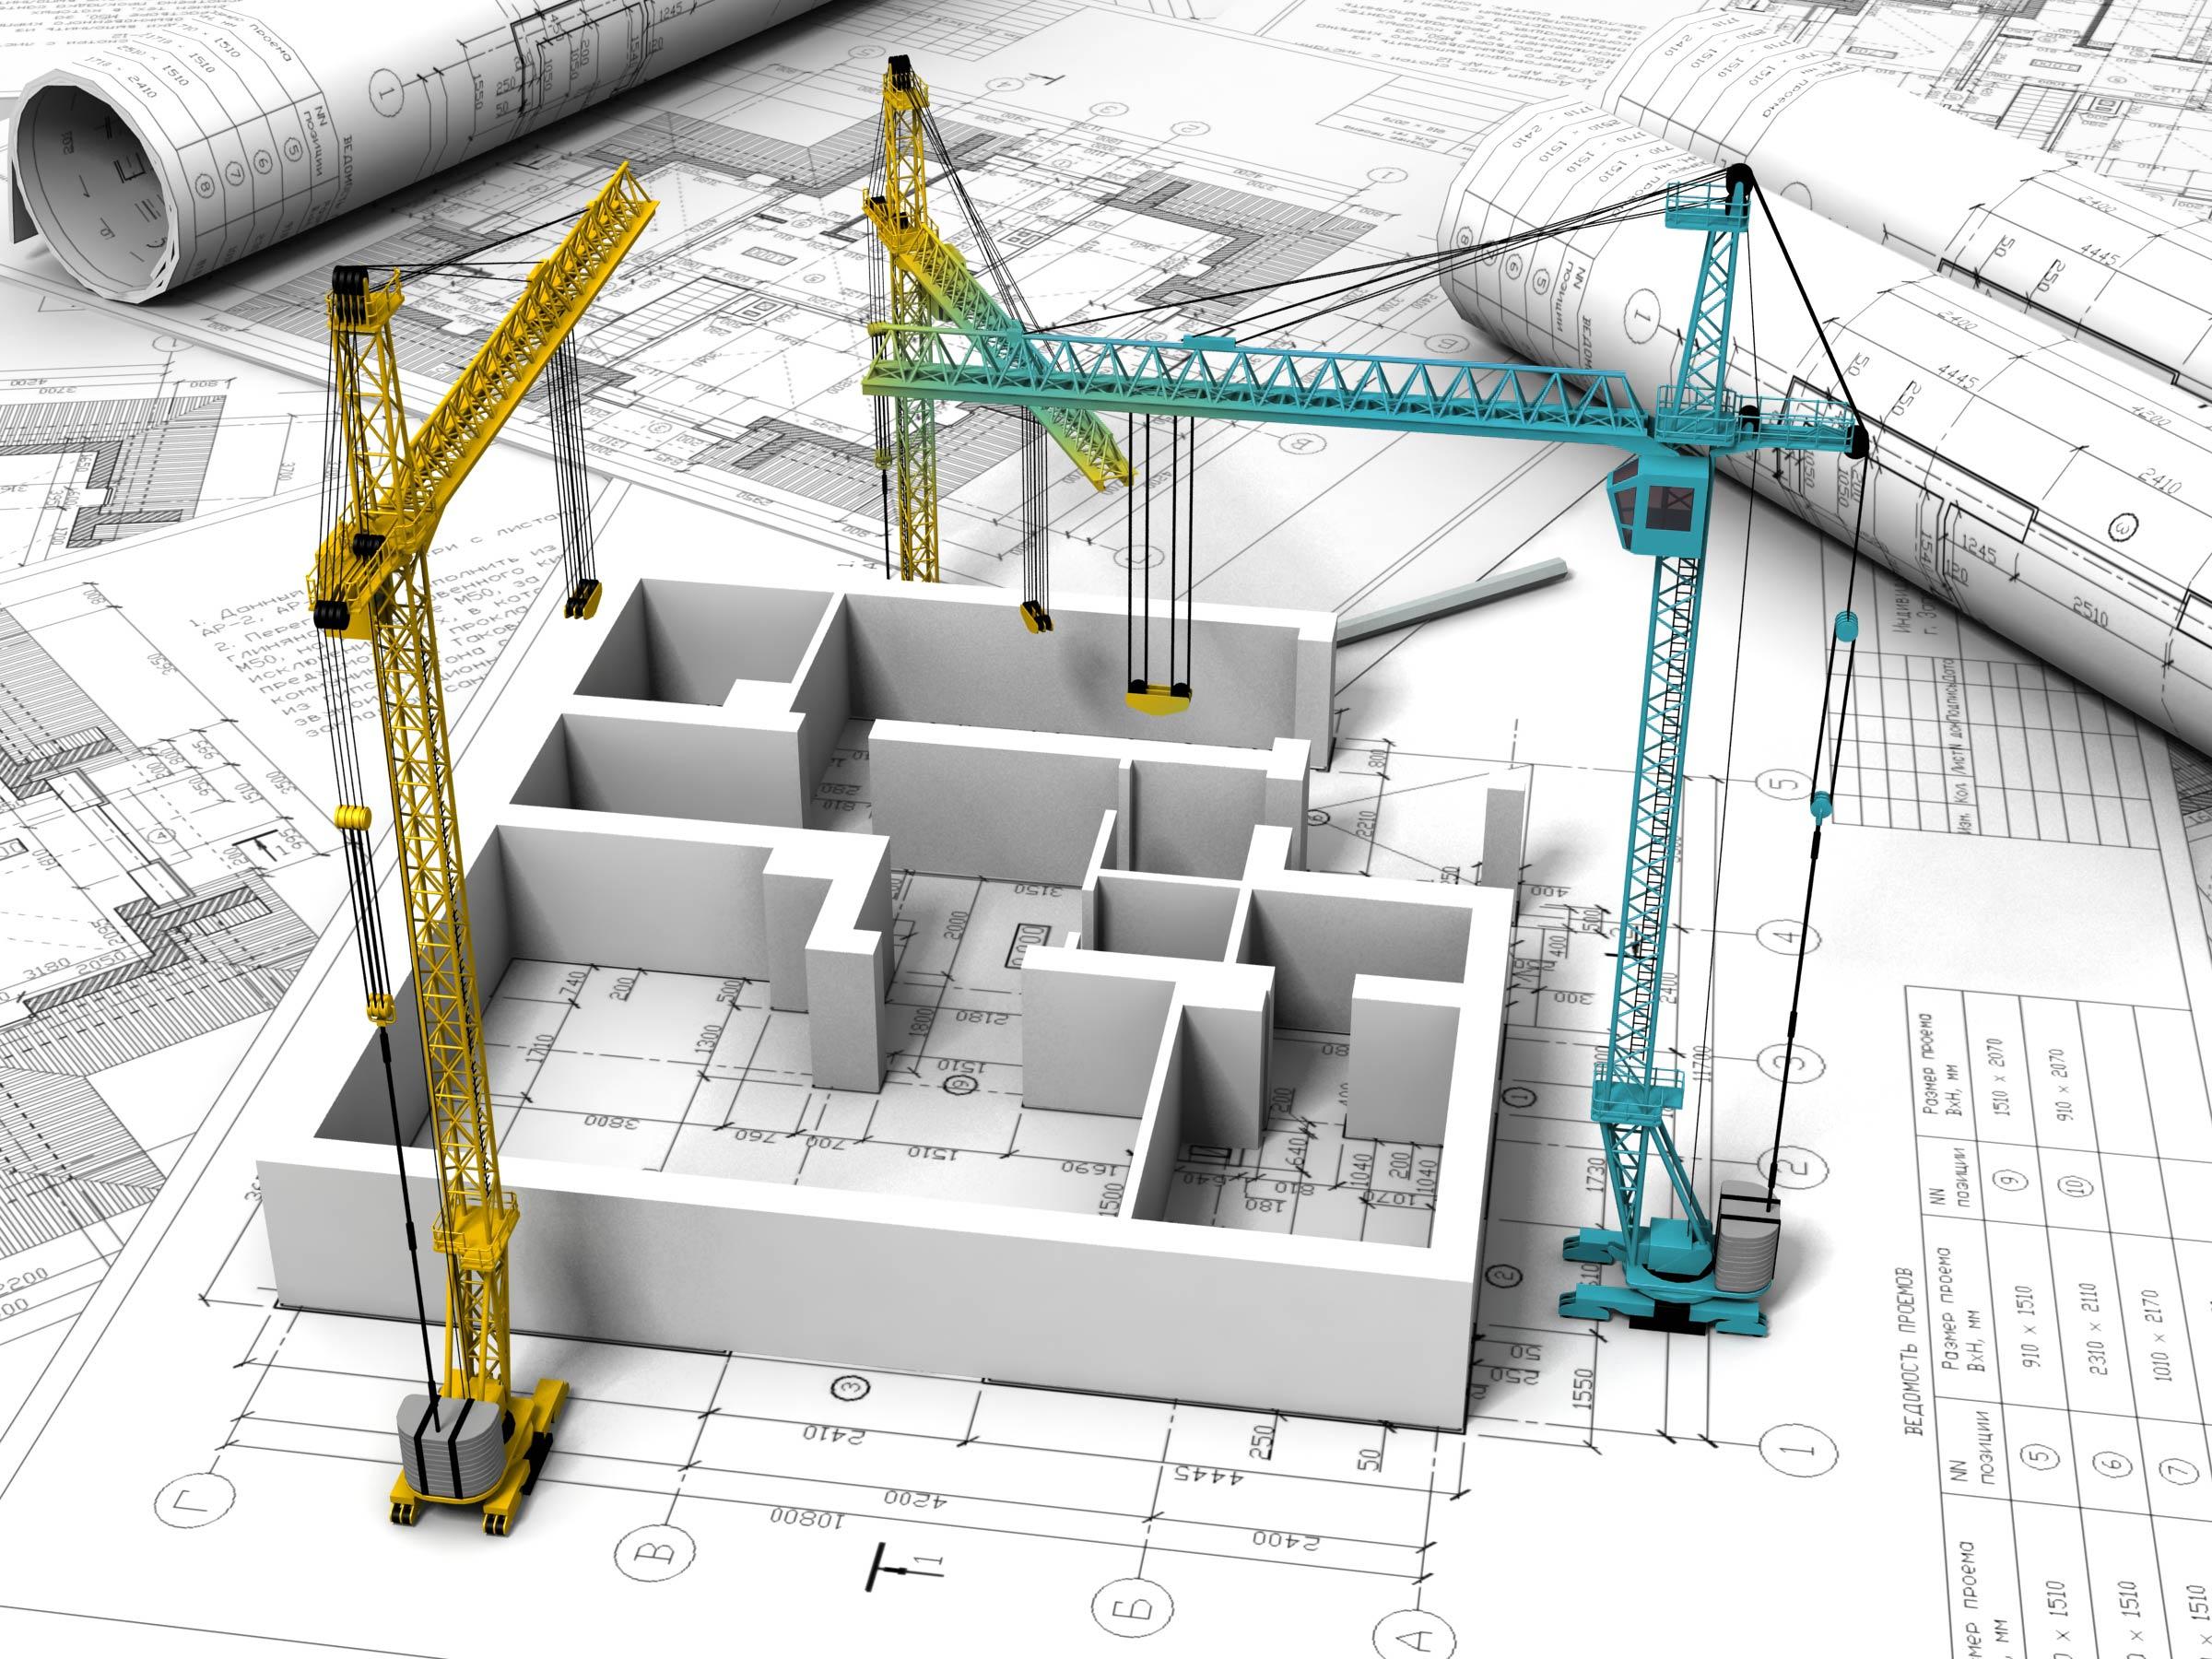 Acquisto di immobili da costruire